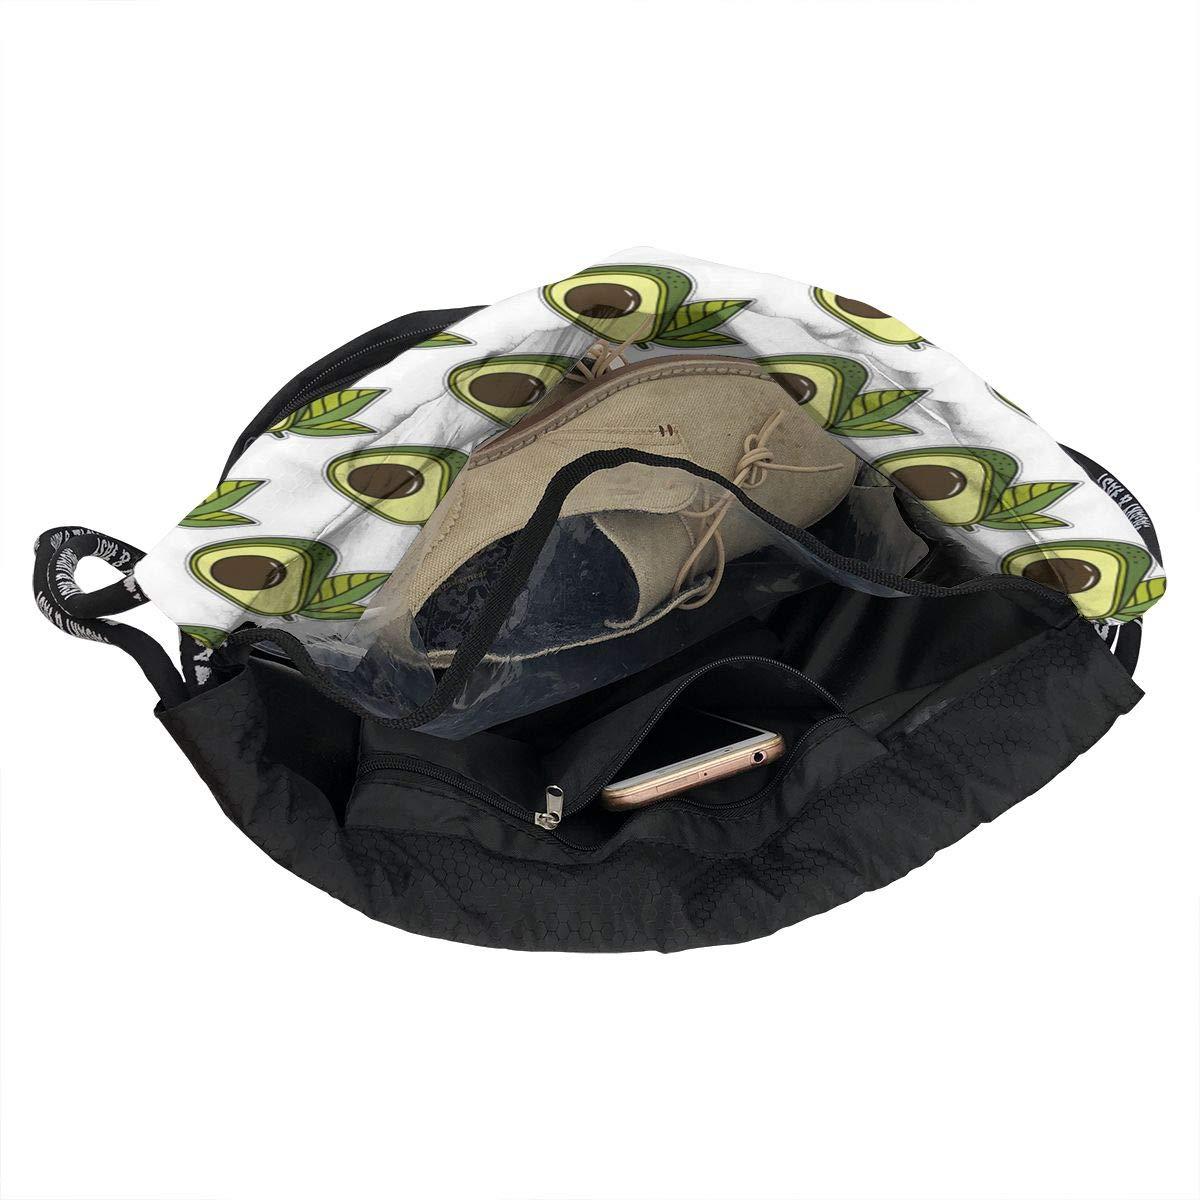 HUOPR5Q Avocado-Design Drawstring Backpack Sport Gym Sack Shoulder Bulk Bag Dance Bag for School Travel